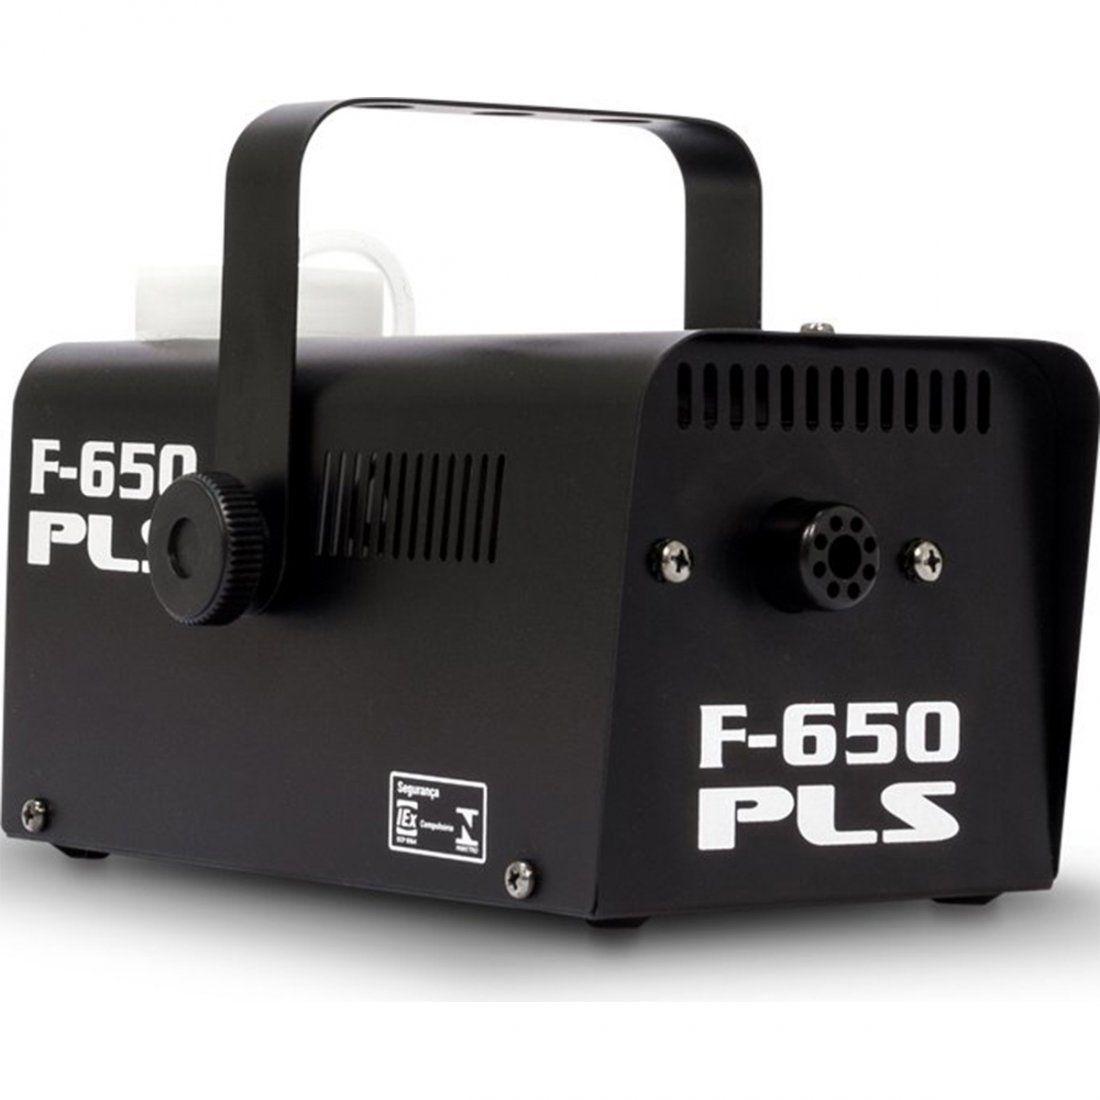 Pls F-650 Máquina de Fumaça Pls F-650 400W